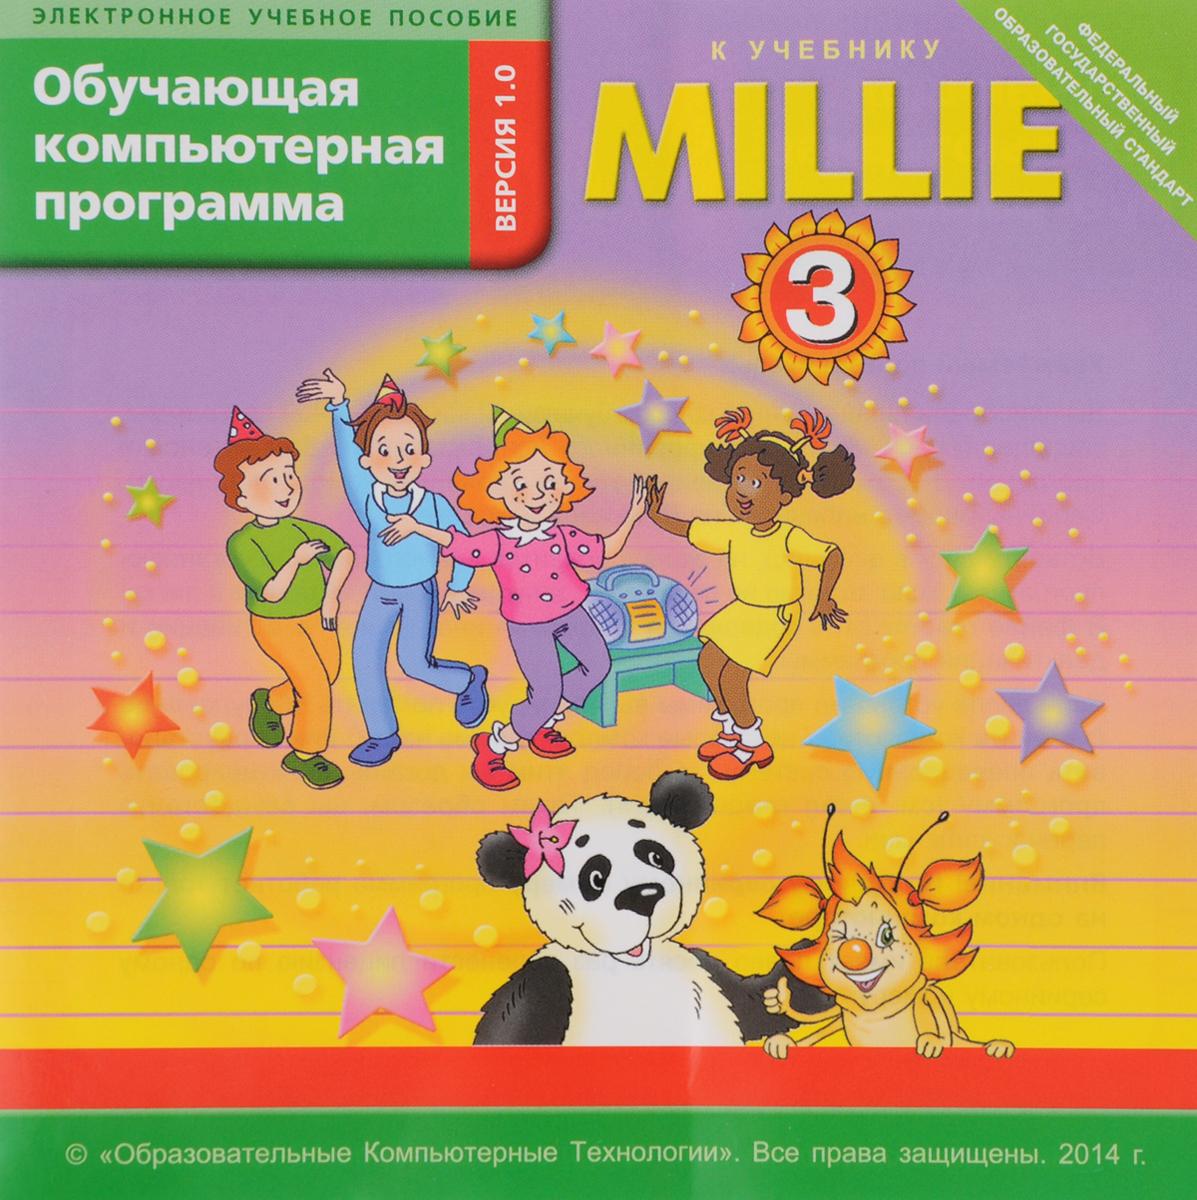 Millie 3 / Милли. Английский язык. 3 класс. Обучающая компьютерная программа азарова с и др англ язык милли millie 3 кл р т